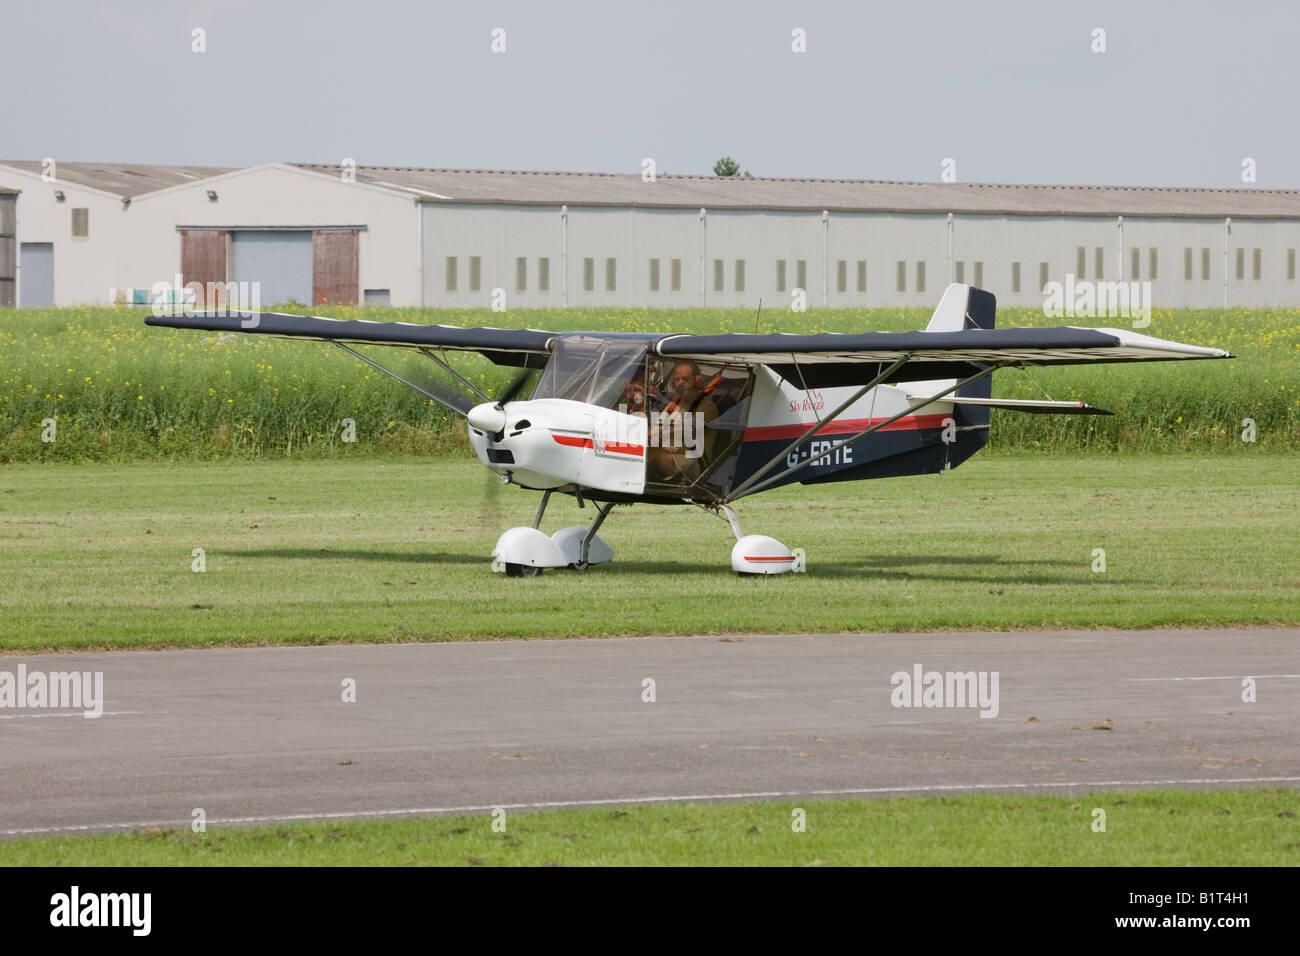 Skyranger 912S (1) G-ERTE microlight aircraft taxiing along